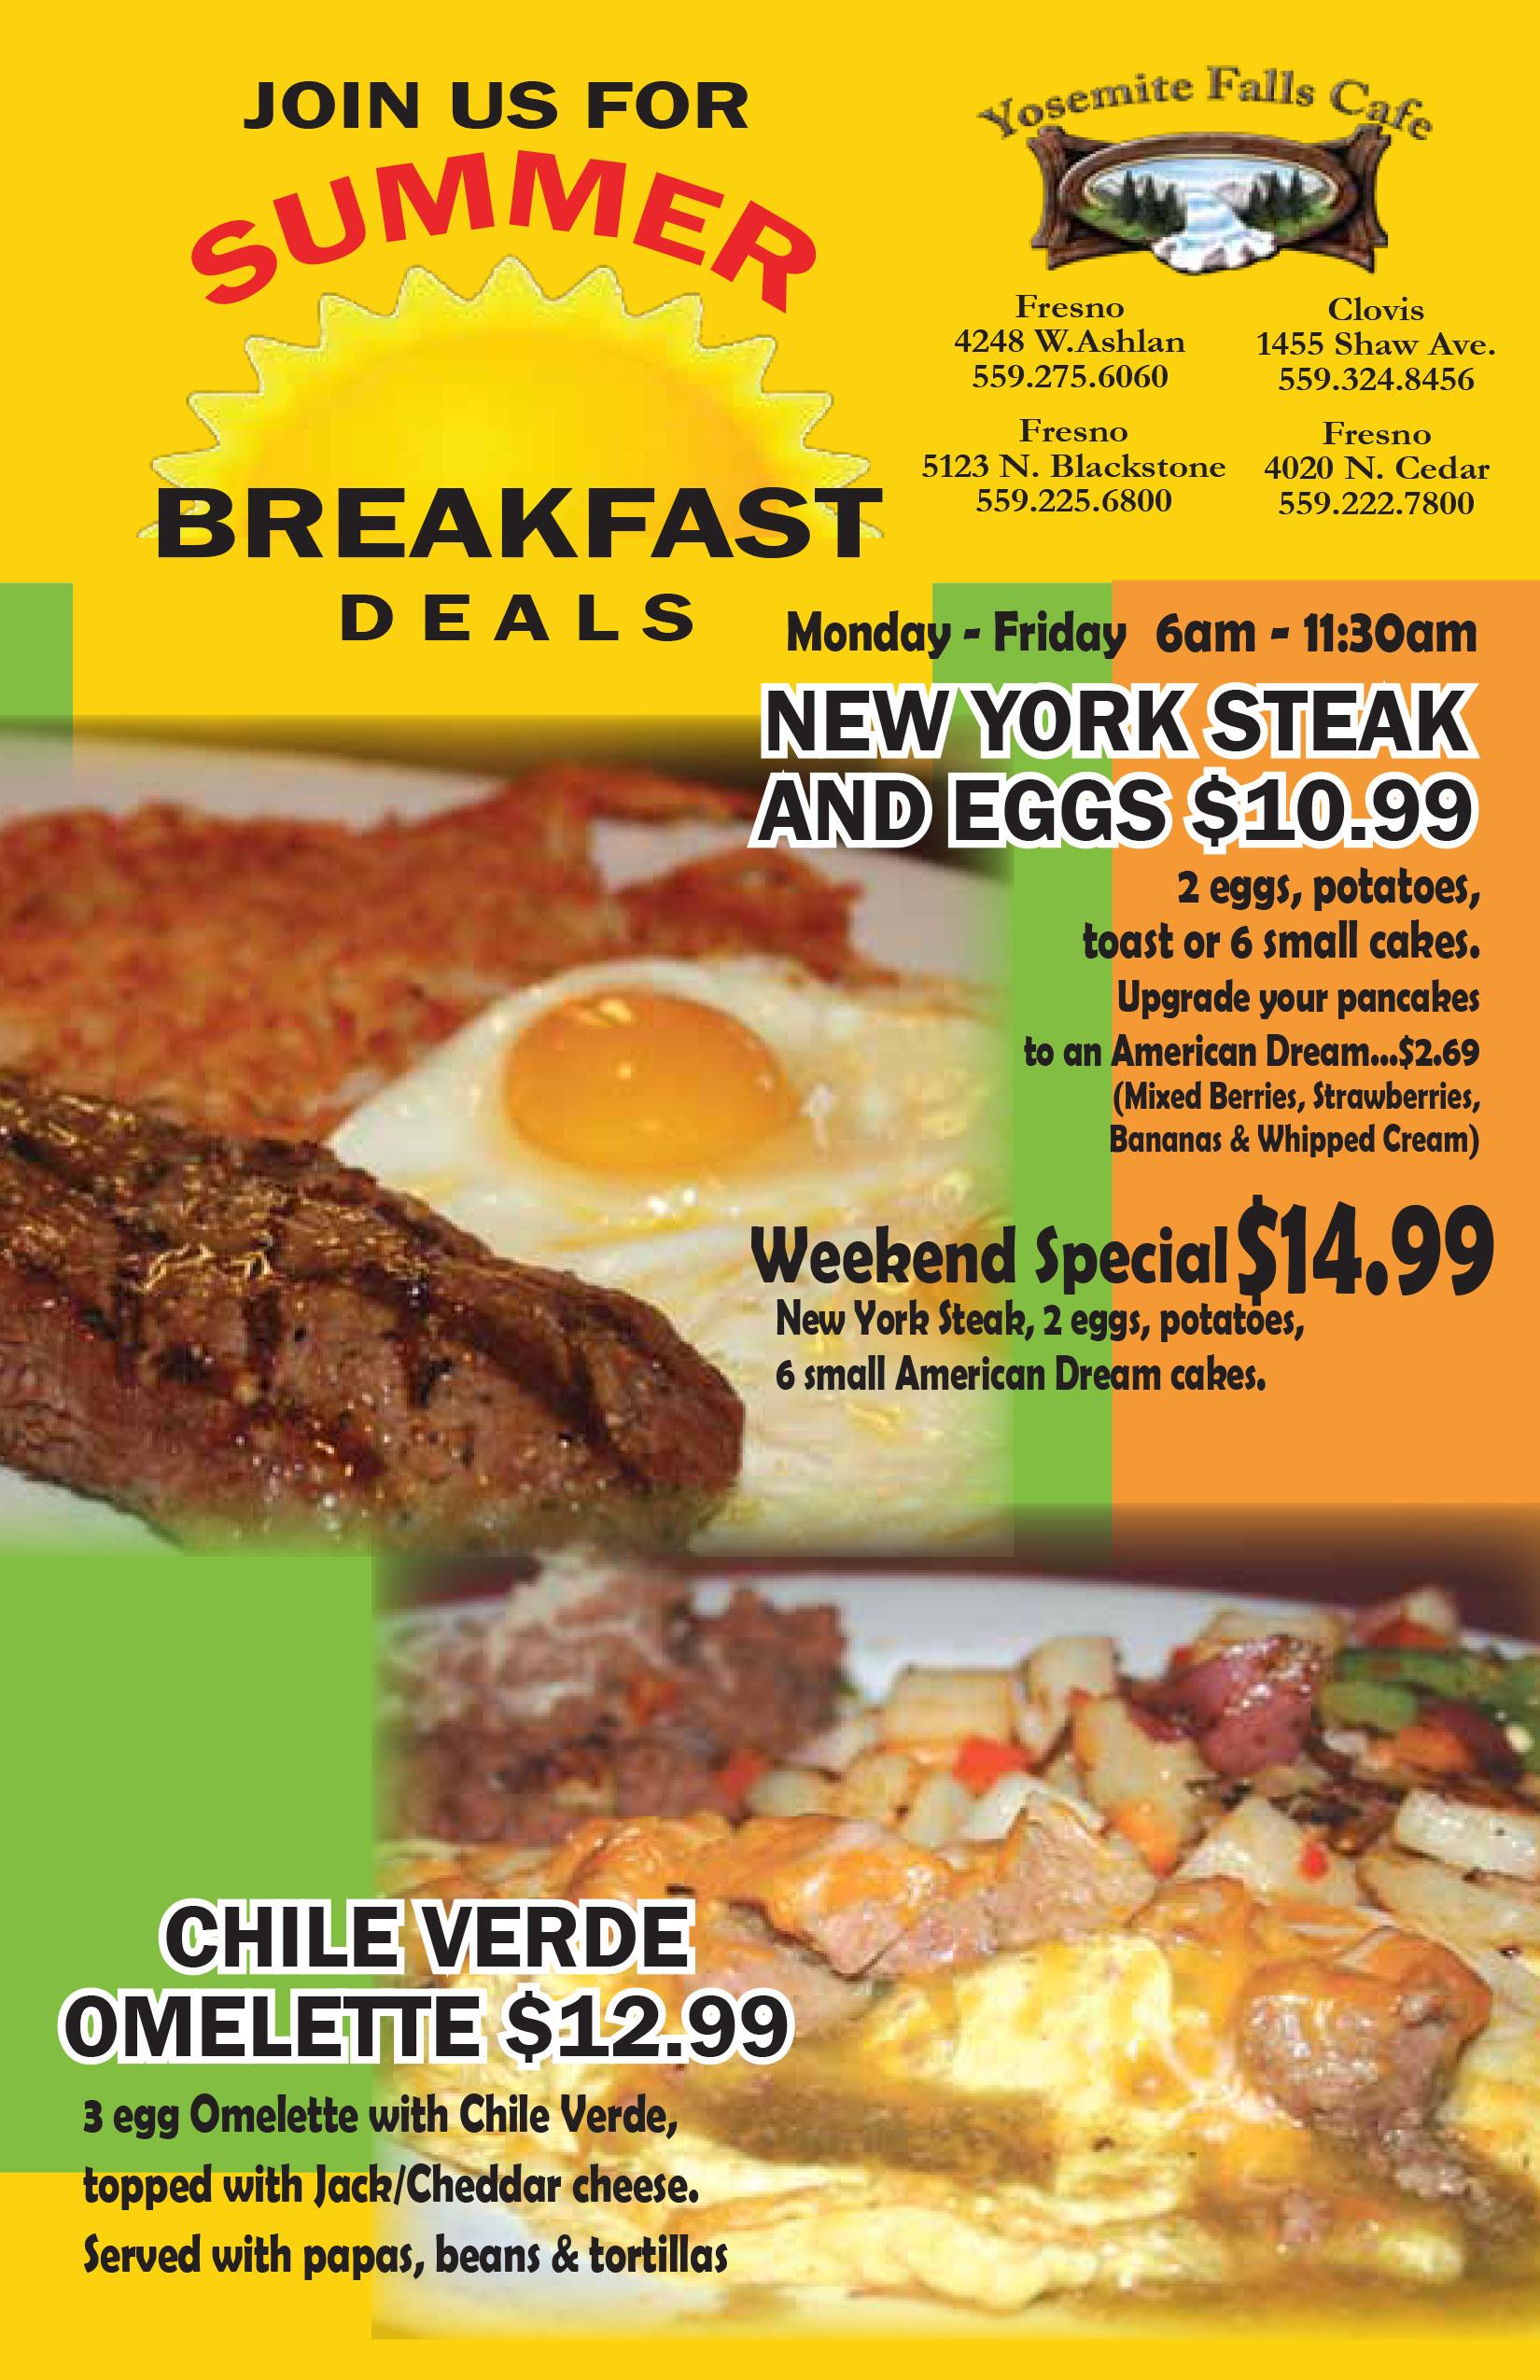 YFC-July-2018-Breakfast-Promo-menu---FINAL[1737].jpg